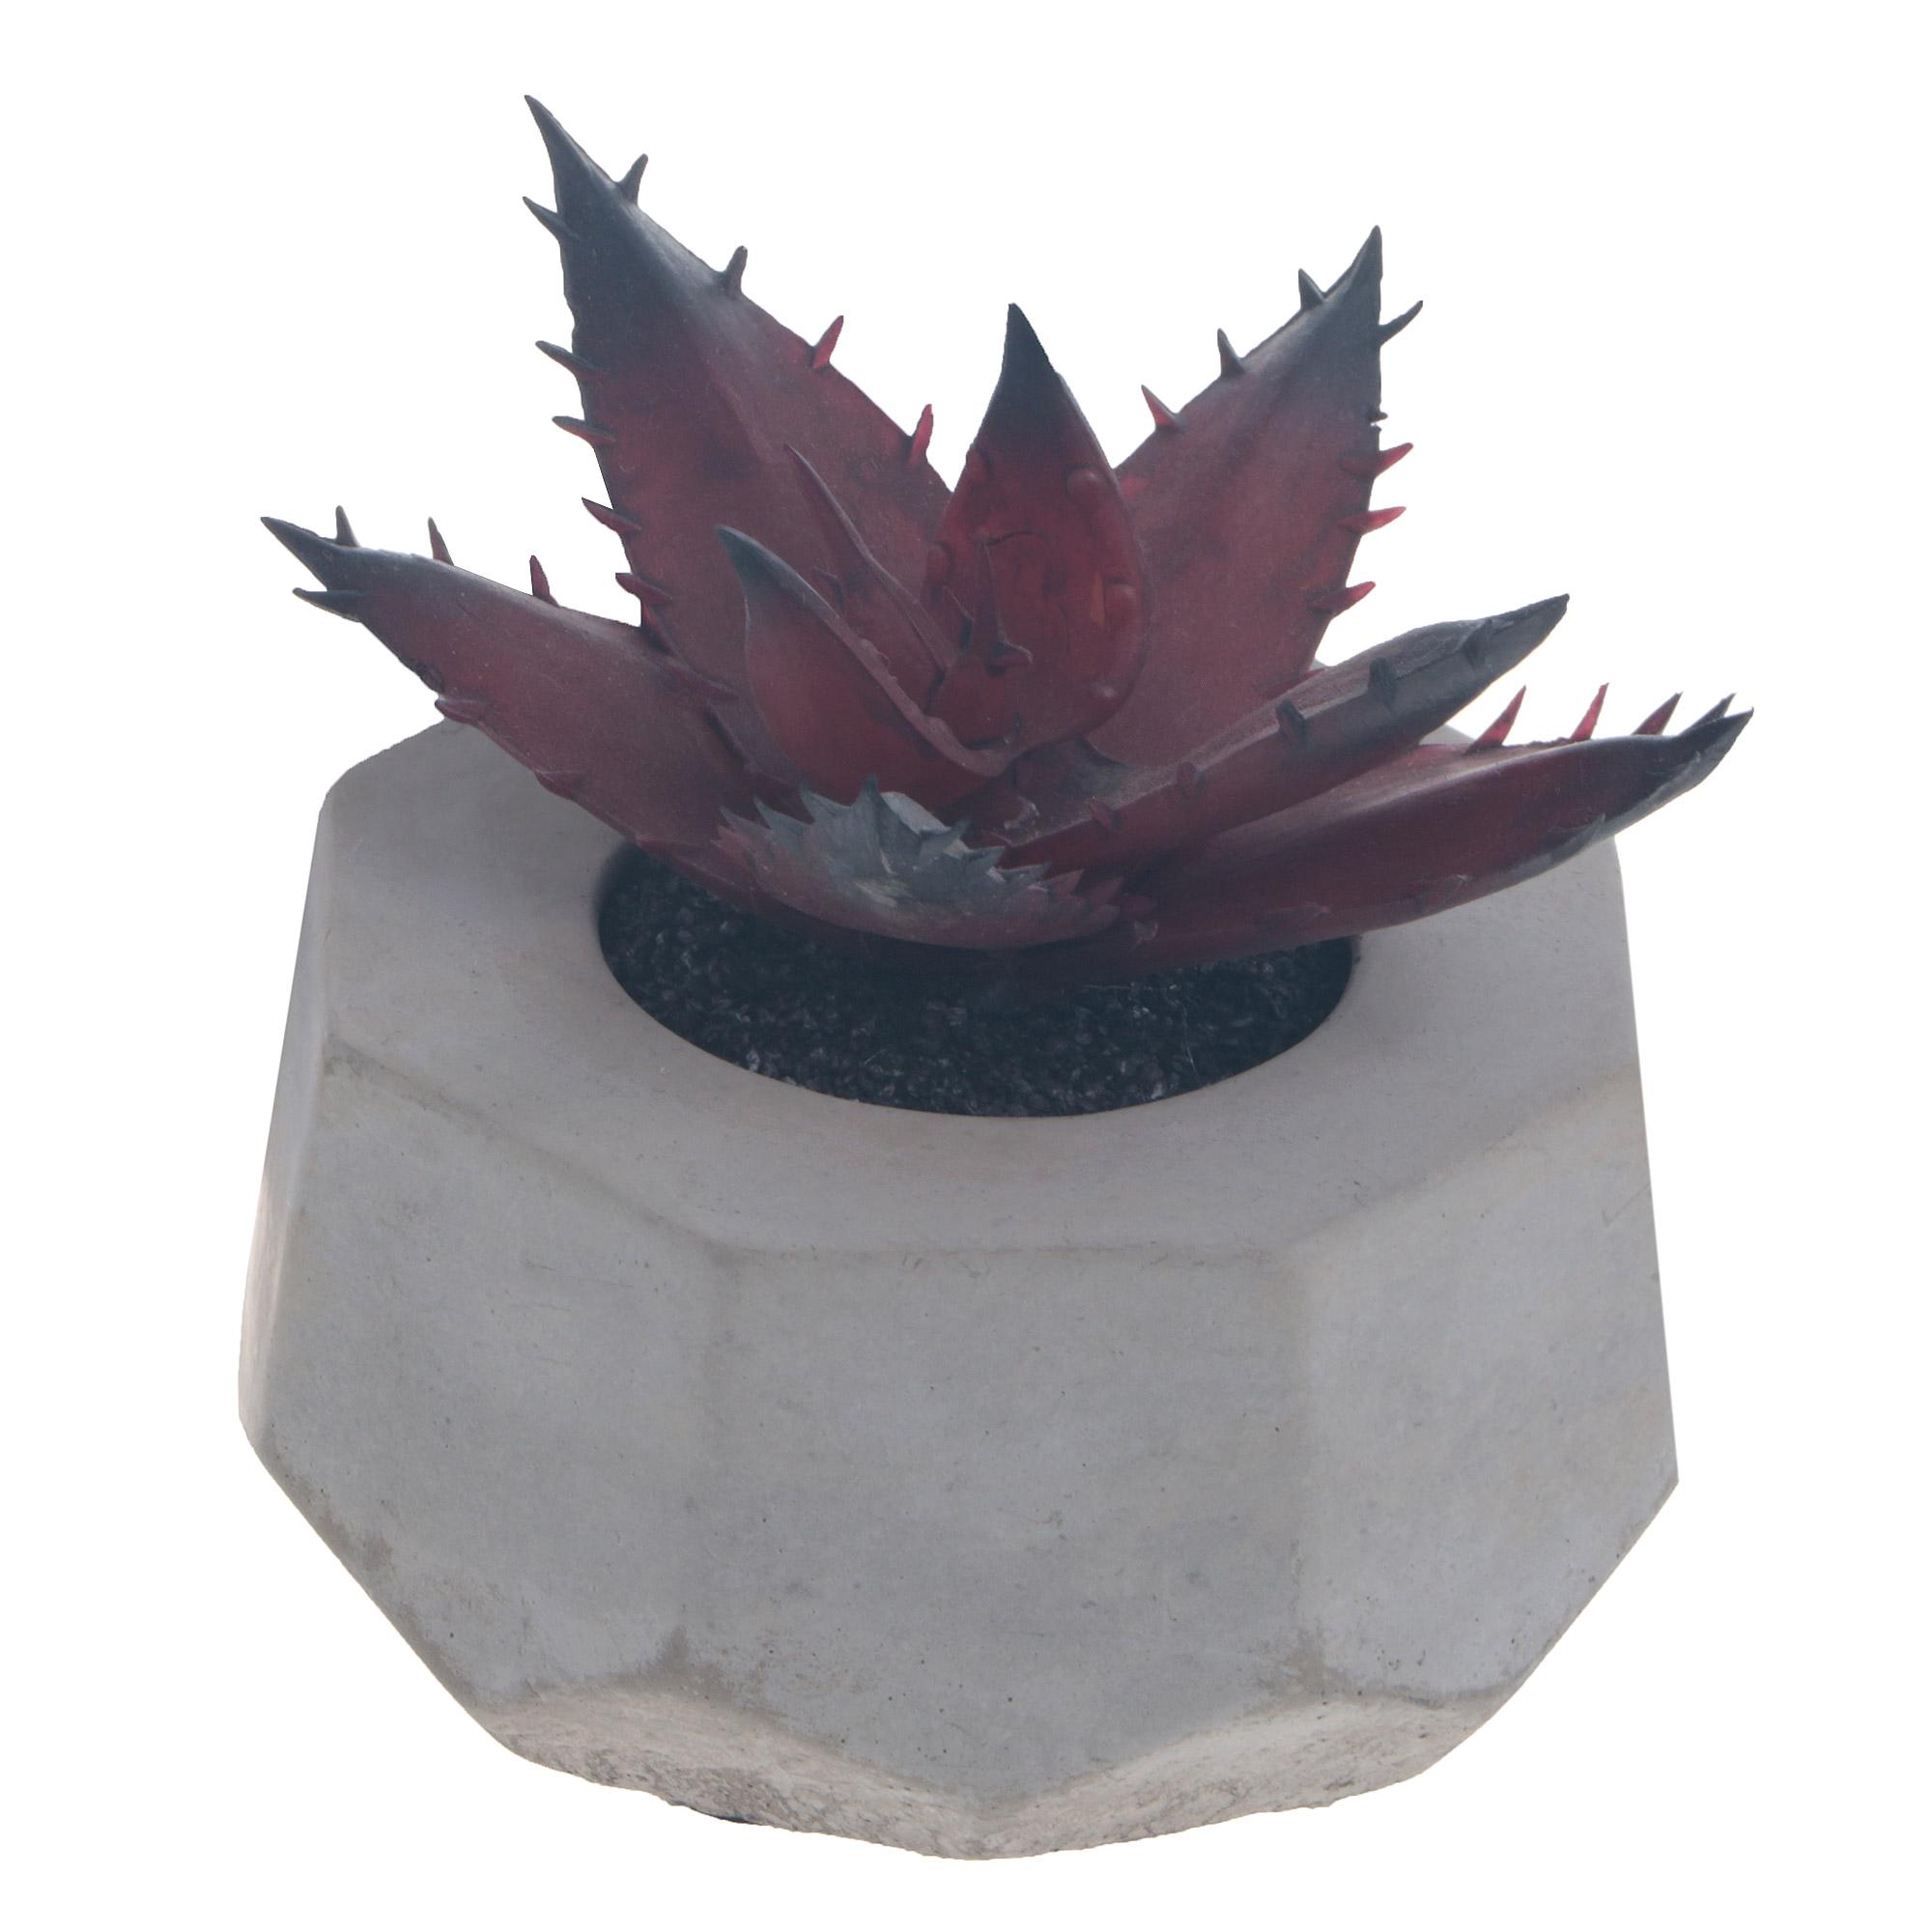 Фото - Декоративный суккулент в сером горшке d. 8 cm Asa selection декоративный суккулент в сером горшке d 8 cm asa selection